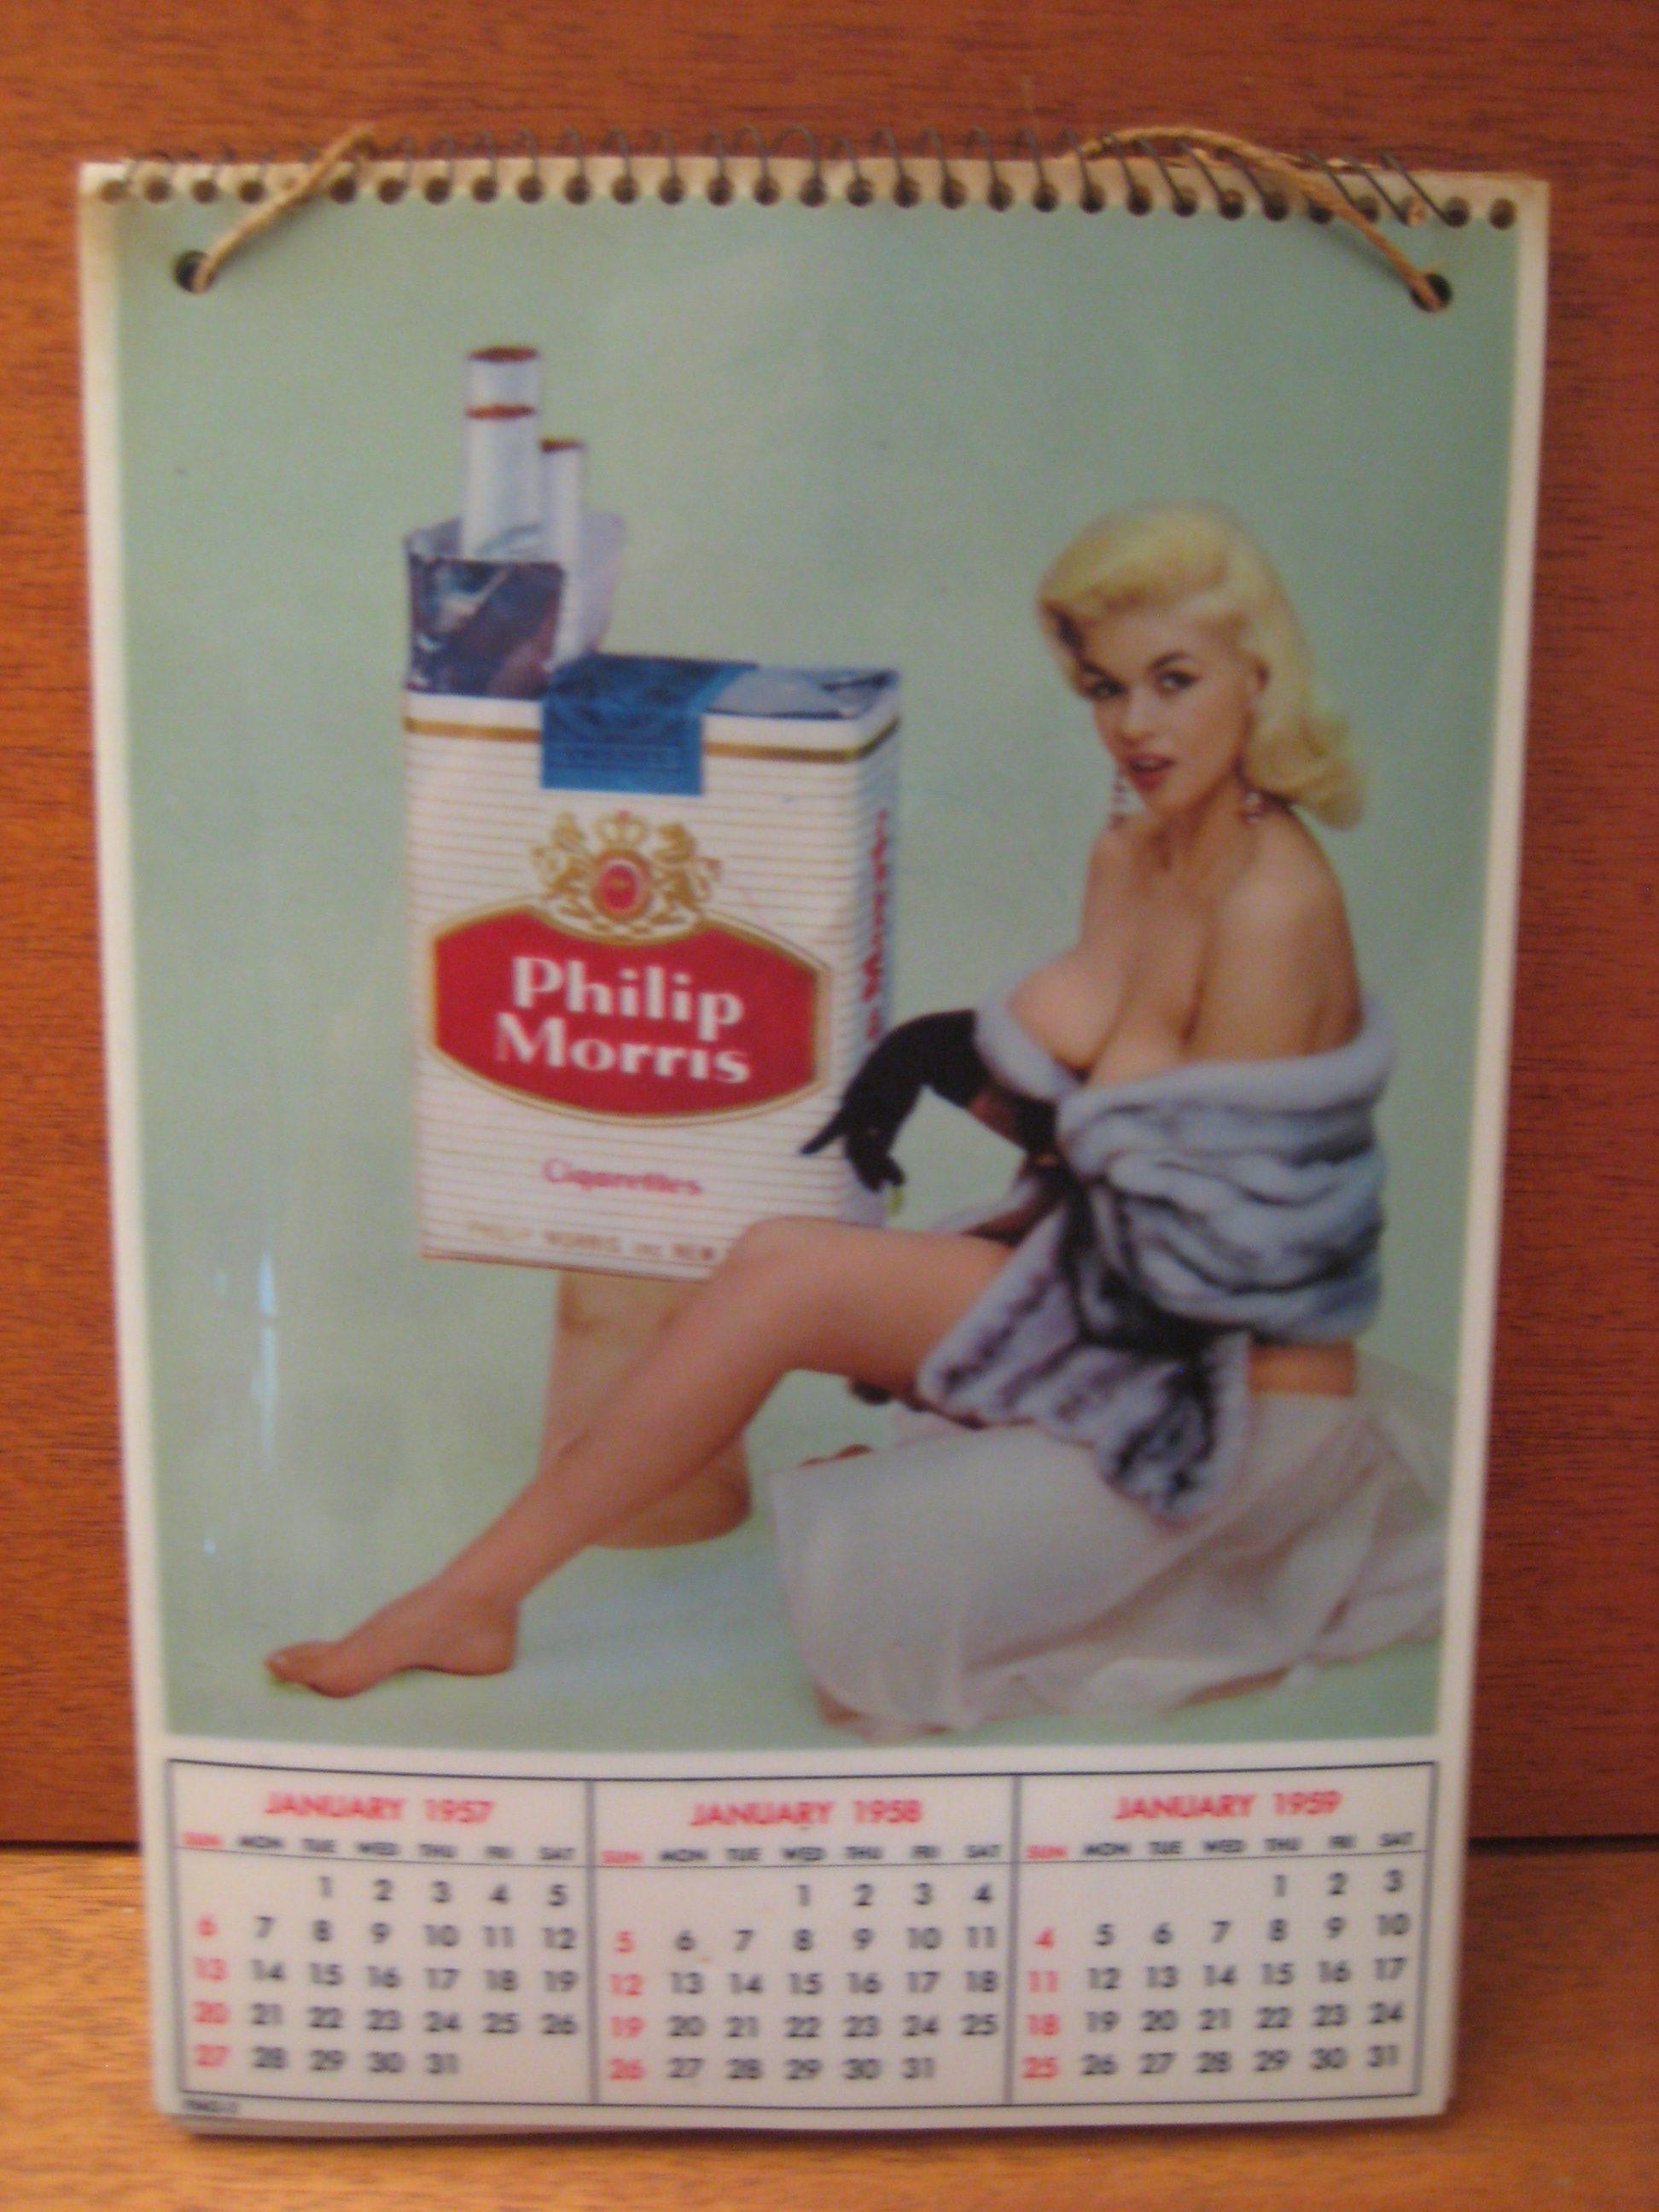 Philip Morris kalender